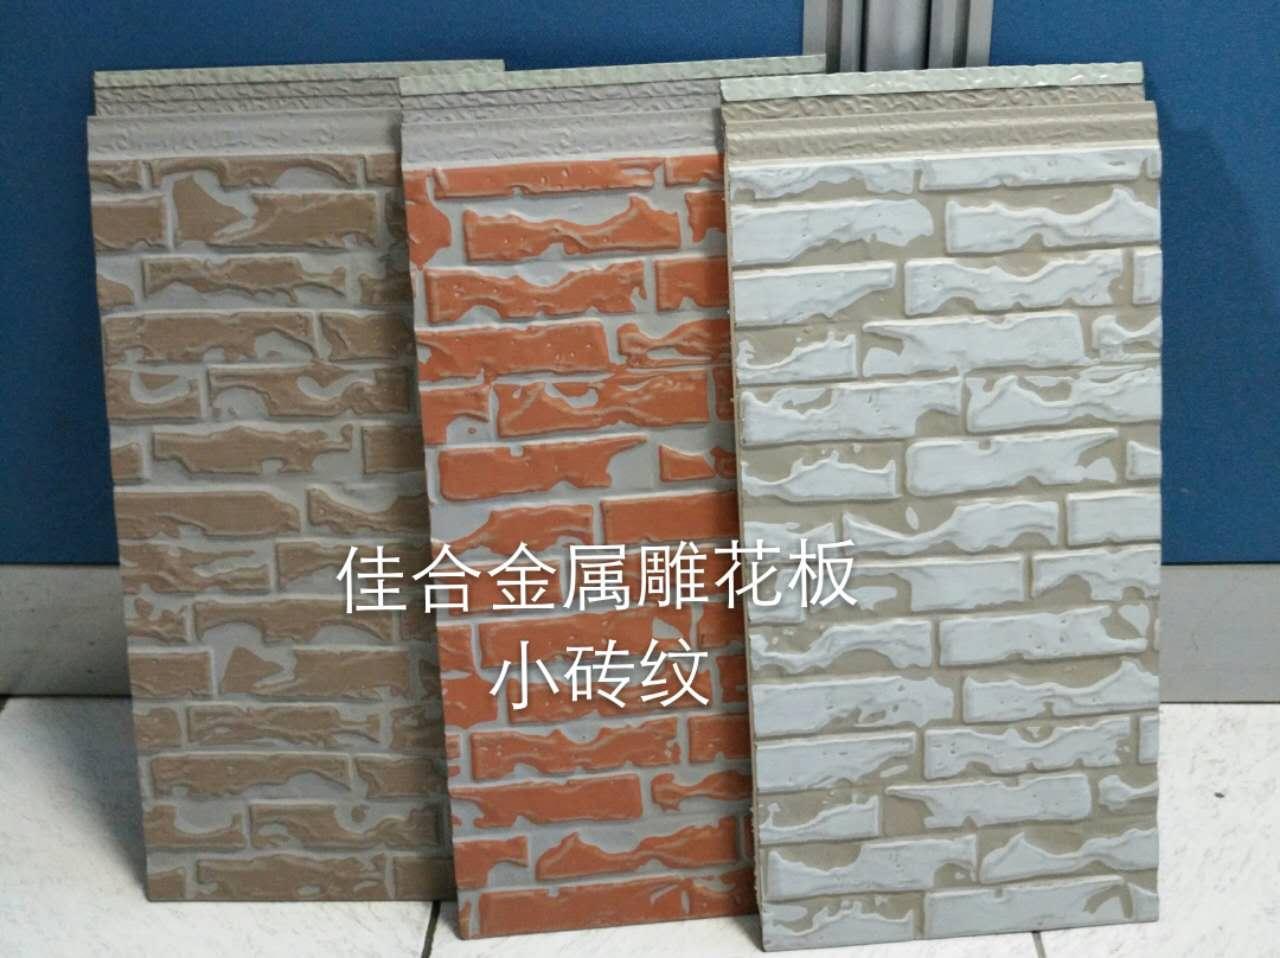 郑州厂家直销金属雕花板保温隔热,耐火阻燃,小砖纹